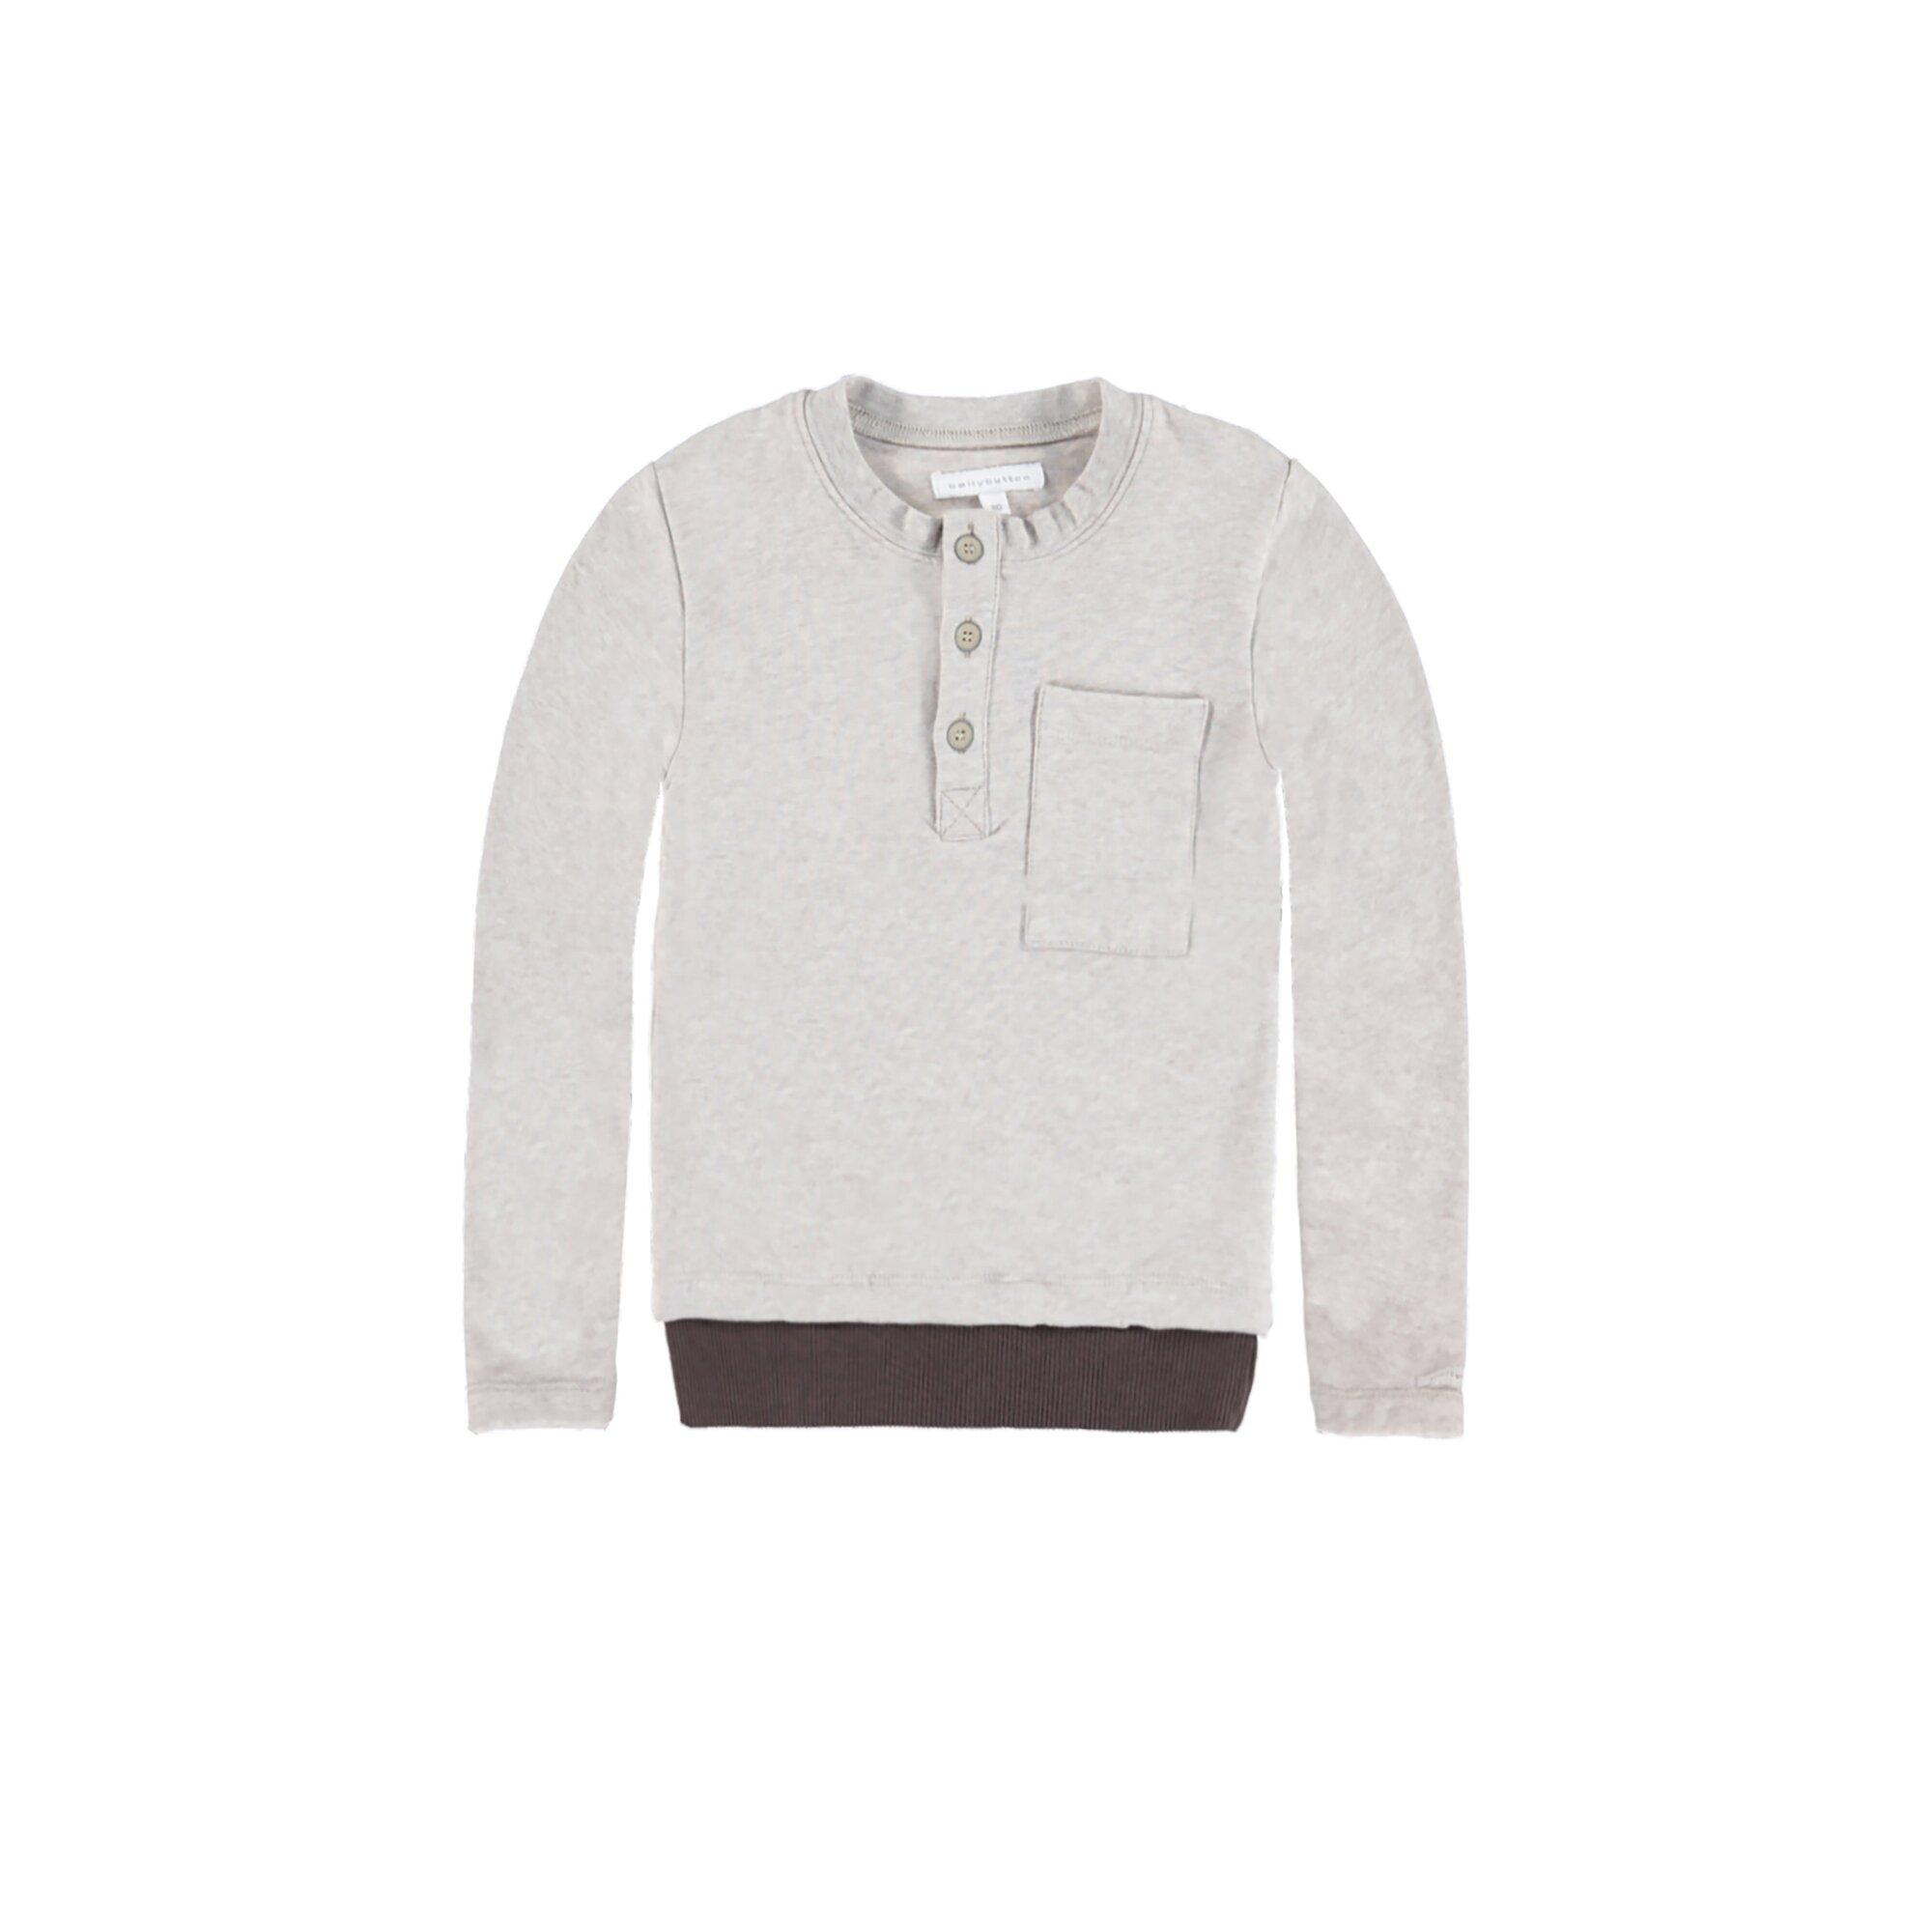 Bellybutton Sweatshirt Jungen, mit Tasche beige 68/74/80/110/116/122/128